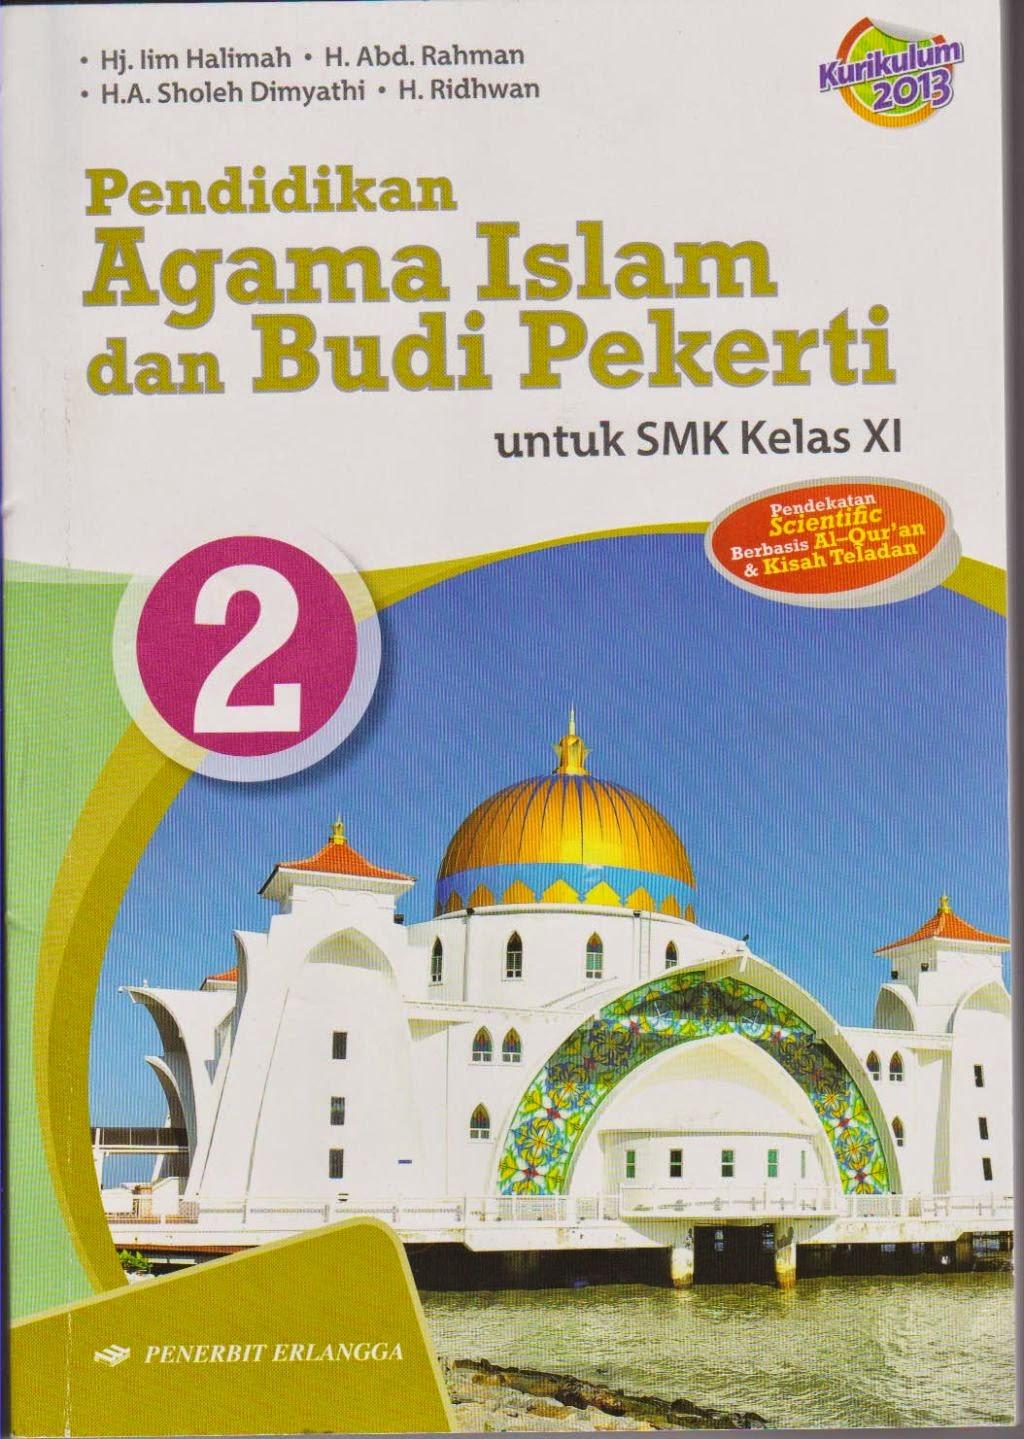 Rpp Pendidikan Agama Islam Sma Kurikulum 2013 Ependidikan Rpp Kurikulum Pendidikan Nasional Buku Pendidikan Agama Islam Kemasukan Paham Sesat Syiah Waspadalah